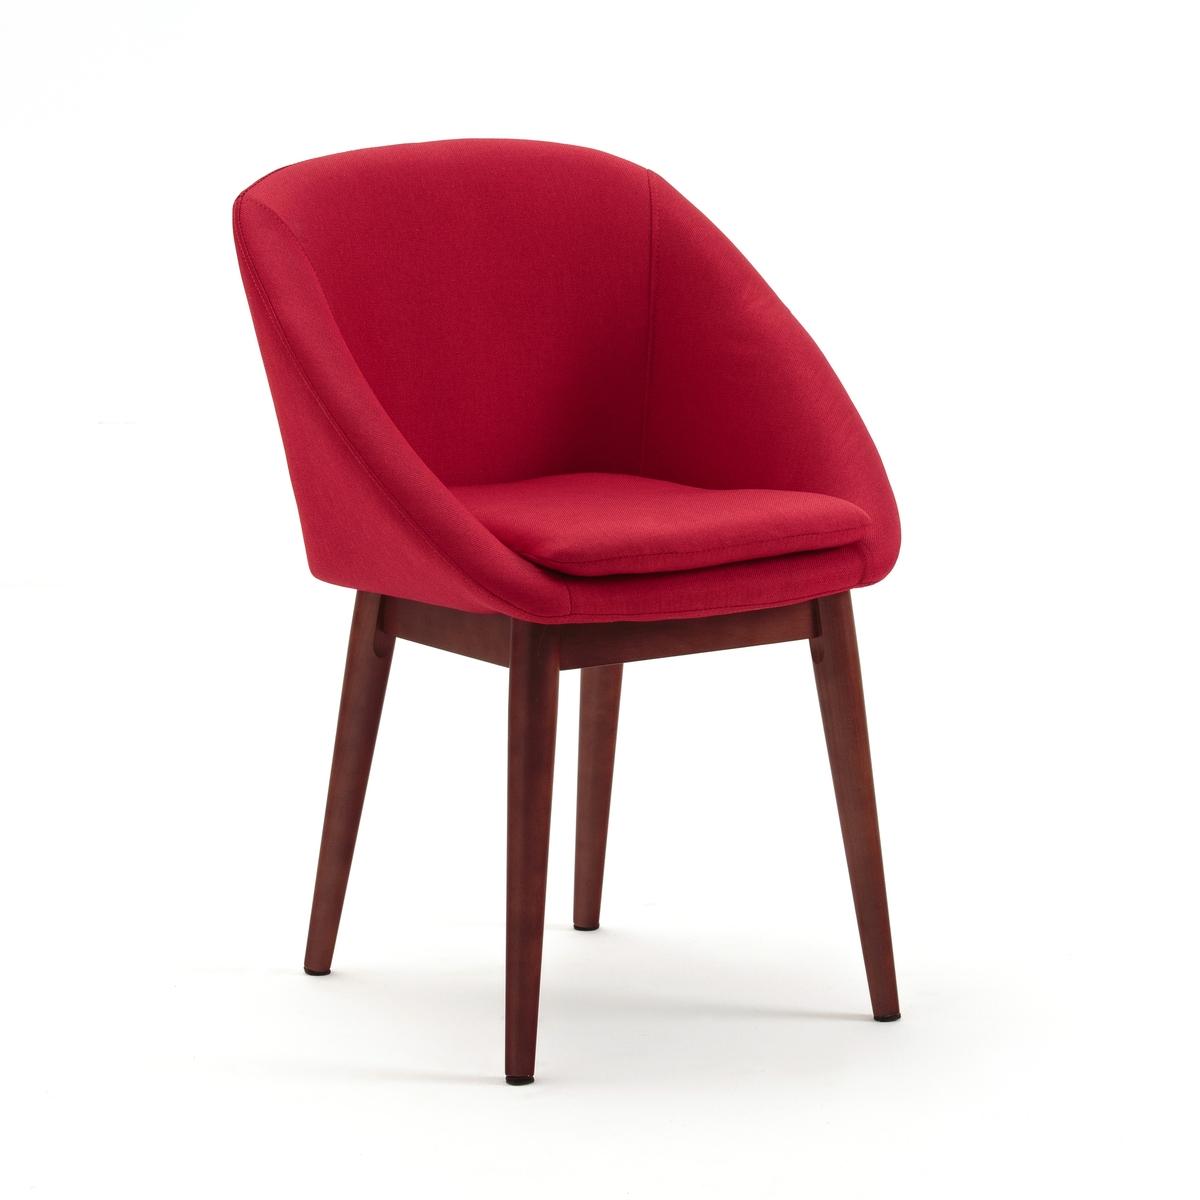 Кресло обеденное WATFORDОбеденное кресло  Watford   : обеденное или офисное кресло с удобными подлокотниками для большего стиля и комфорта !Размеры кресла  Watford   :Длина : 56 см  Высота : 79 смГлубина : 54 смСиденье : 33 x 49 x 43 смОписание  :Каркас сидения из фанеры и стали.Подвеска в виде эластичных перекрещенных ремней, закрепленных скобами .Ножки из массива березы, лаковое нитроцеллюлозное покрытие под орех.Обивка 100% полиэстер.Комфорт :Каркас :наполнитель из полиуретановой пены, 24 кг/м?.Для оптимального качества и устойчивости рекомендуется надежно затянуть болты . Доставка :Обеденное кресло Watford продается в полуразобранном состоянии (необходимо прикрутить ножки) . Доставка будет осуществлена до вашей квартиры по предварительному согласованию !Внимание ! Убедитесь, что дверные, лестничные и лифтовые проемы позволяют осуществить доставку коробки таких габаритов .Размеры и вес упаковки :1 коробка64 x 32x  62 см, 10 кг<br><br>Цвет: антрацит,бордовый<br>Размер: единый размер